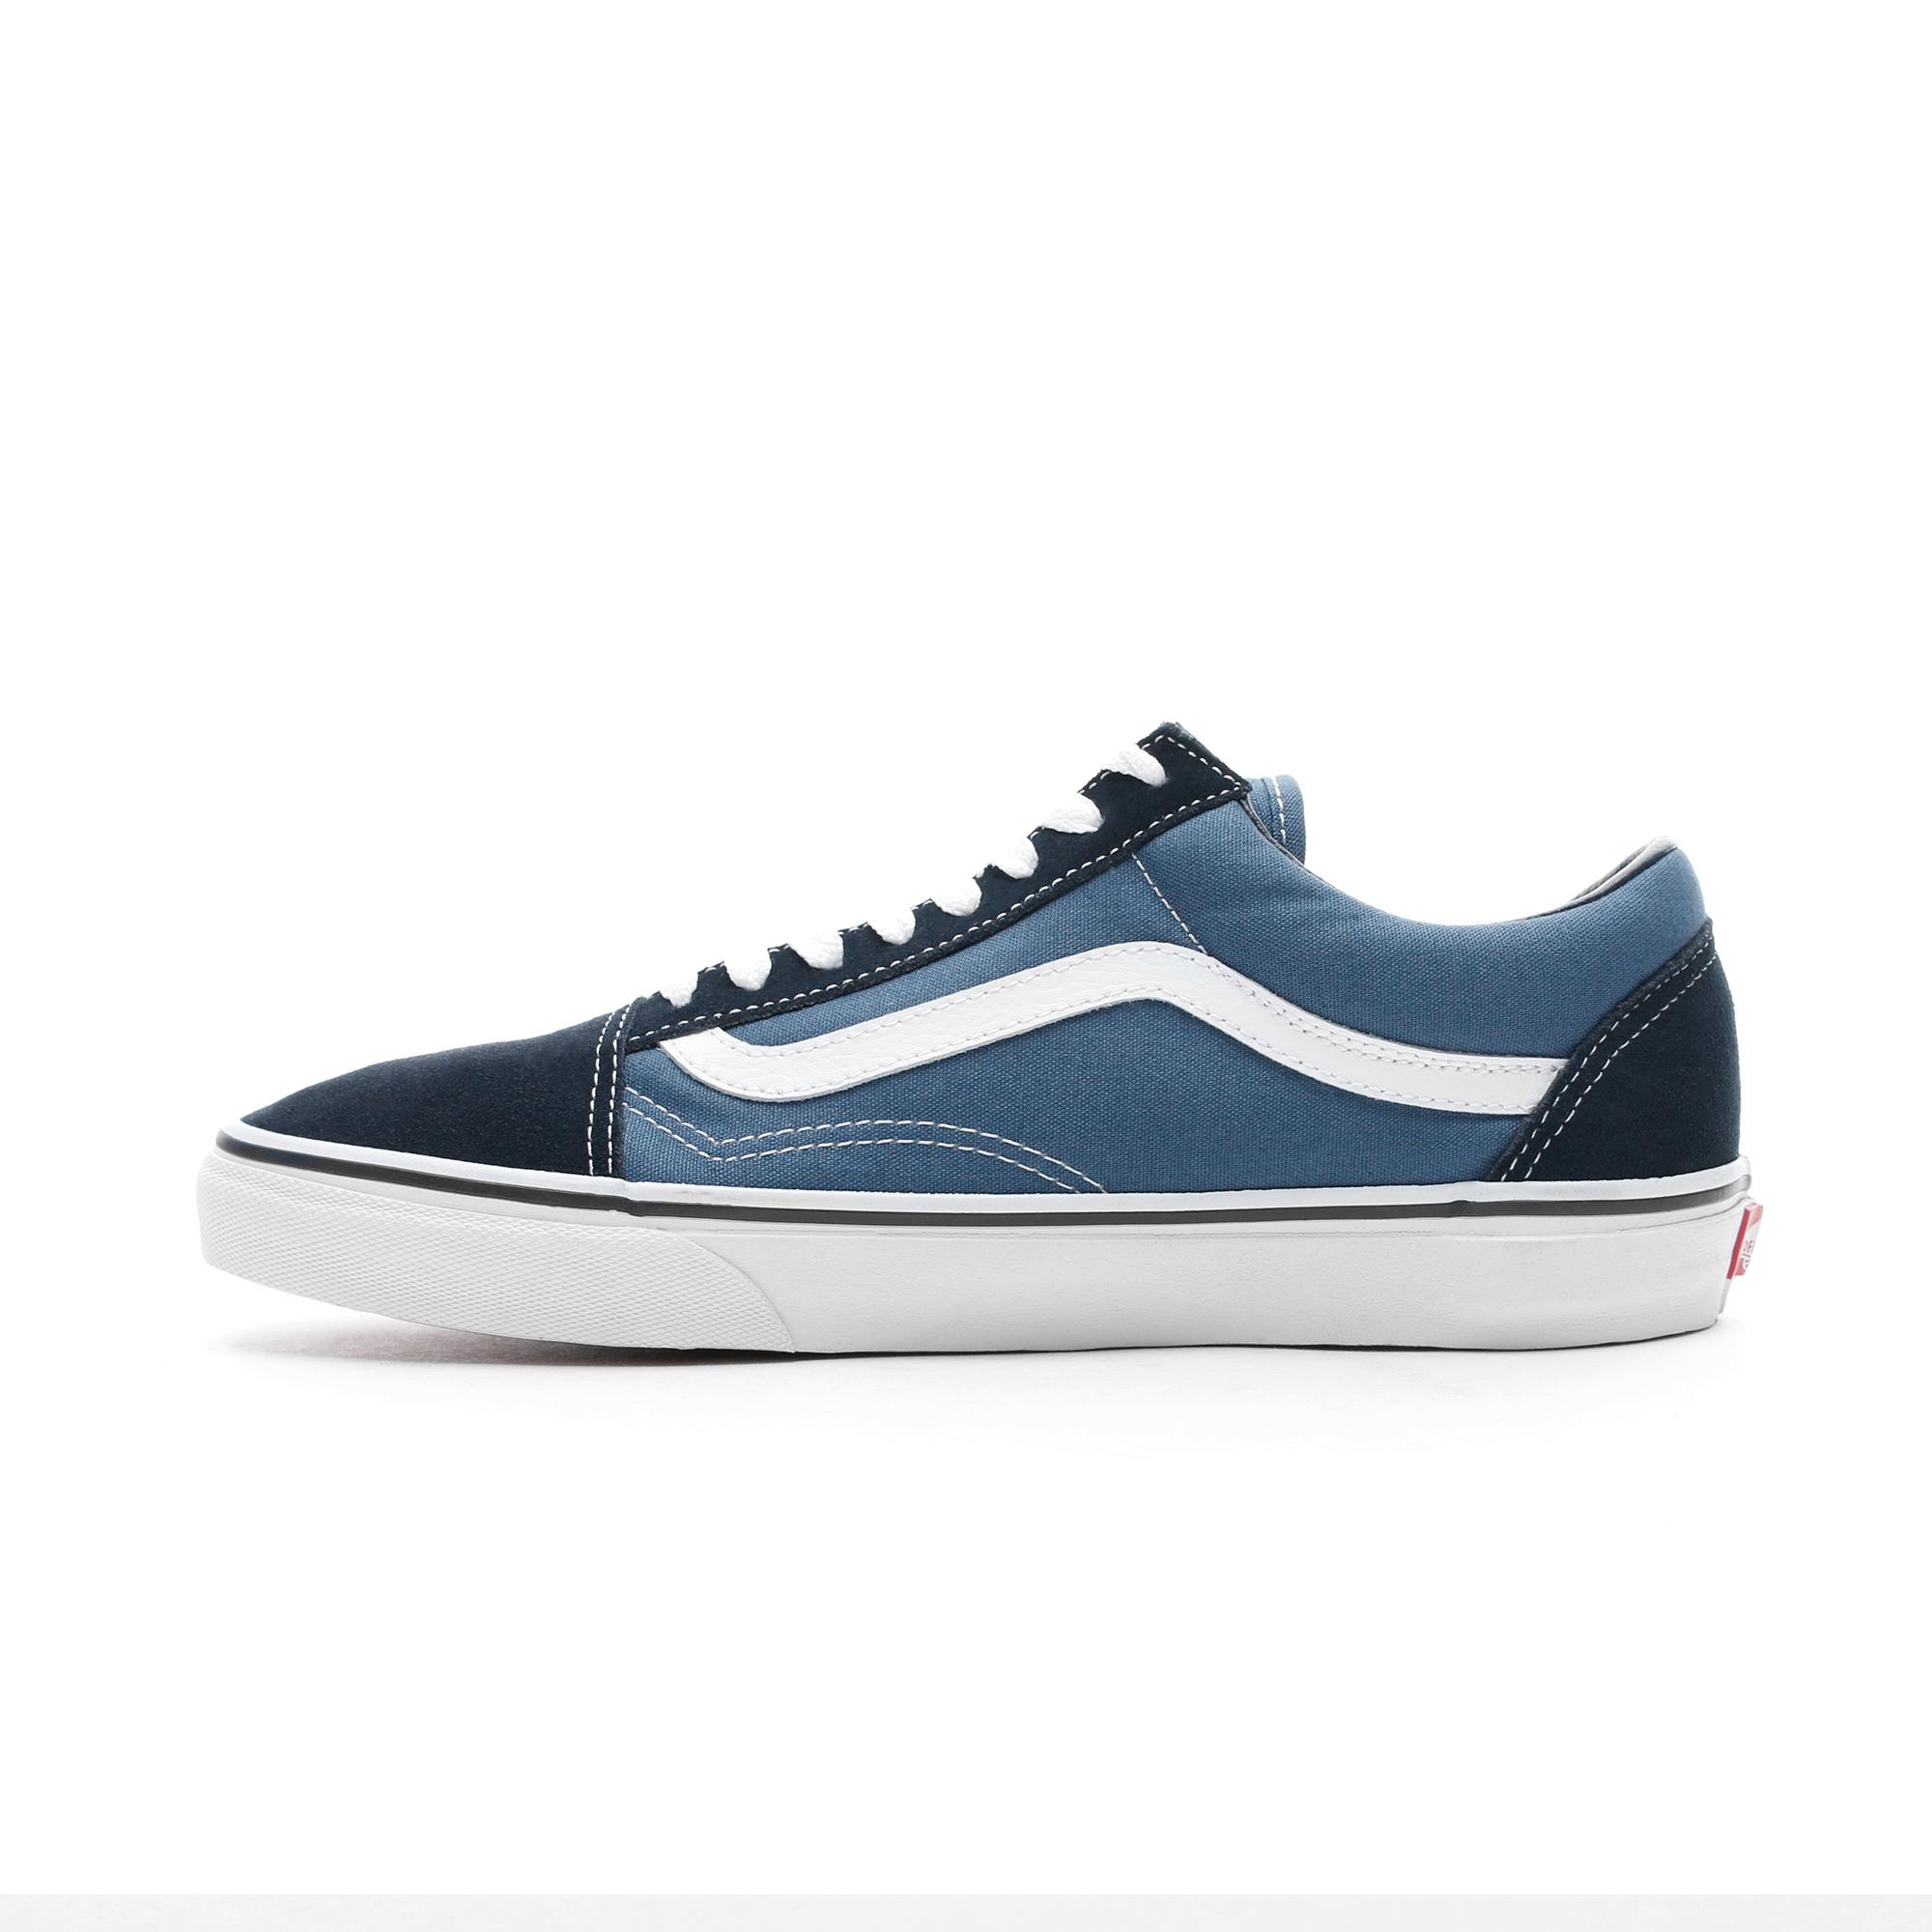 Vans Old Skool Mavi - Lacivert Unisex Sneaker